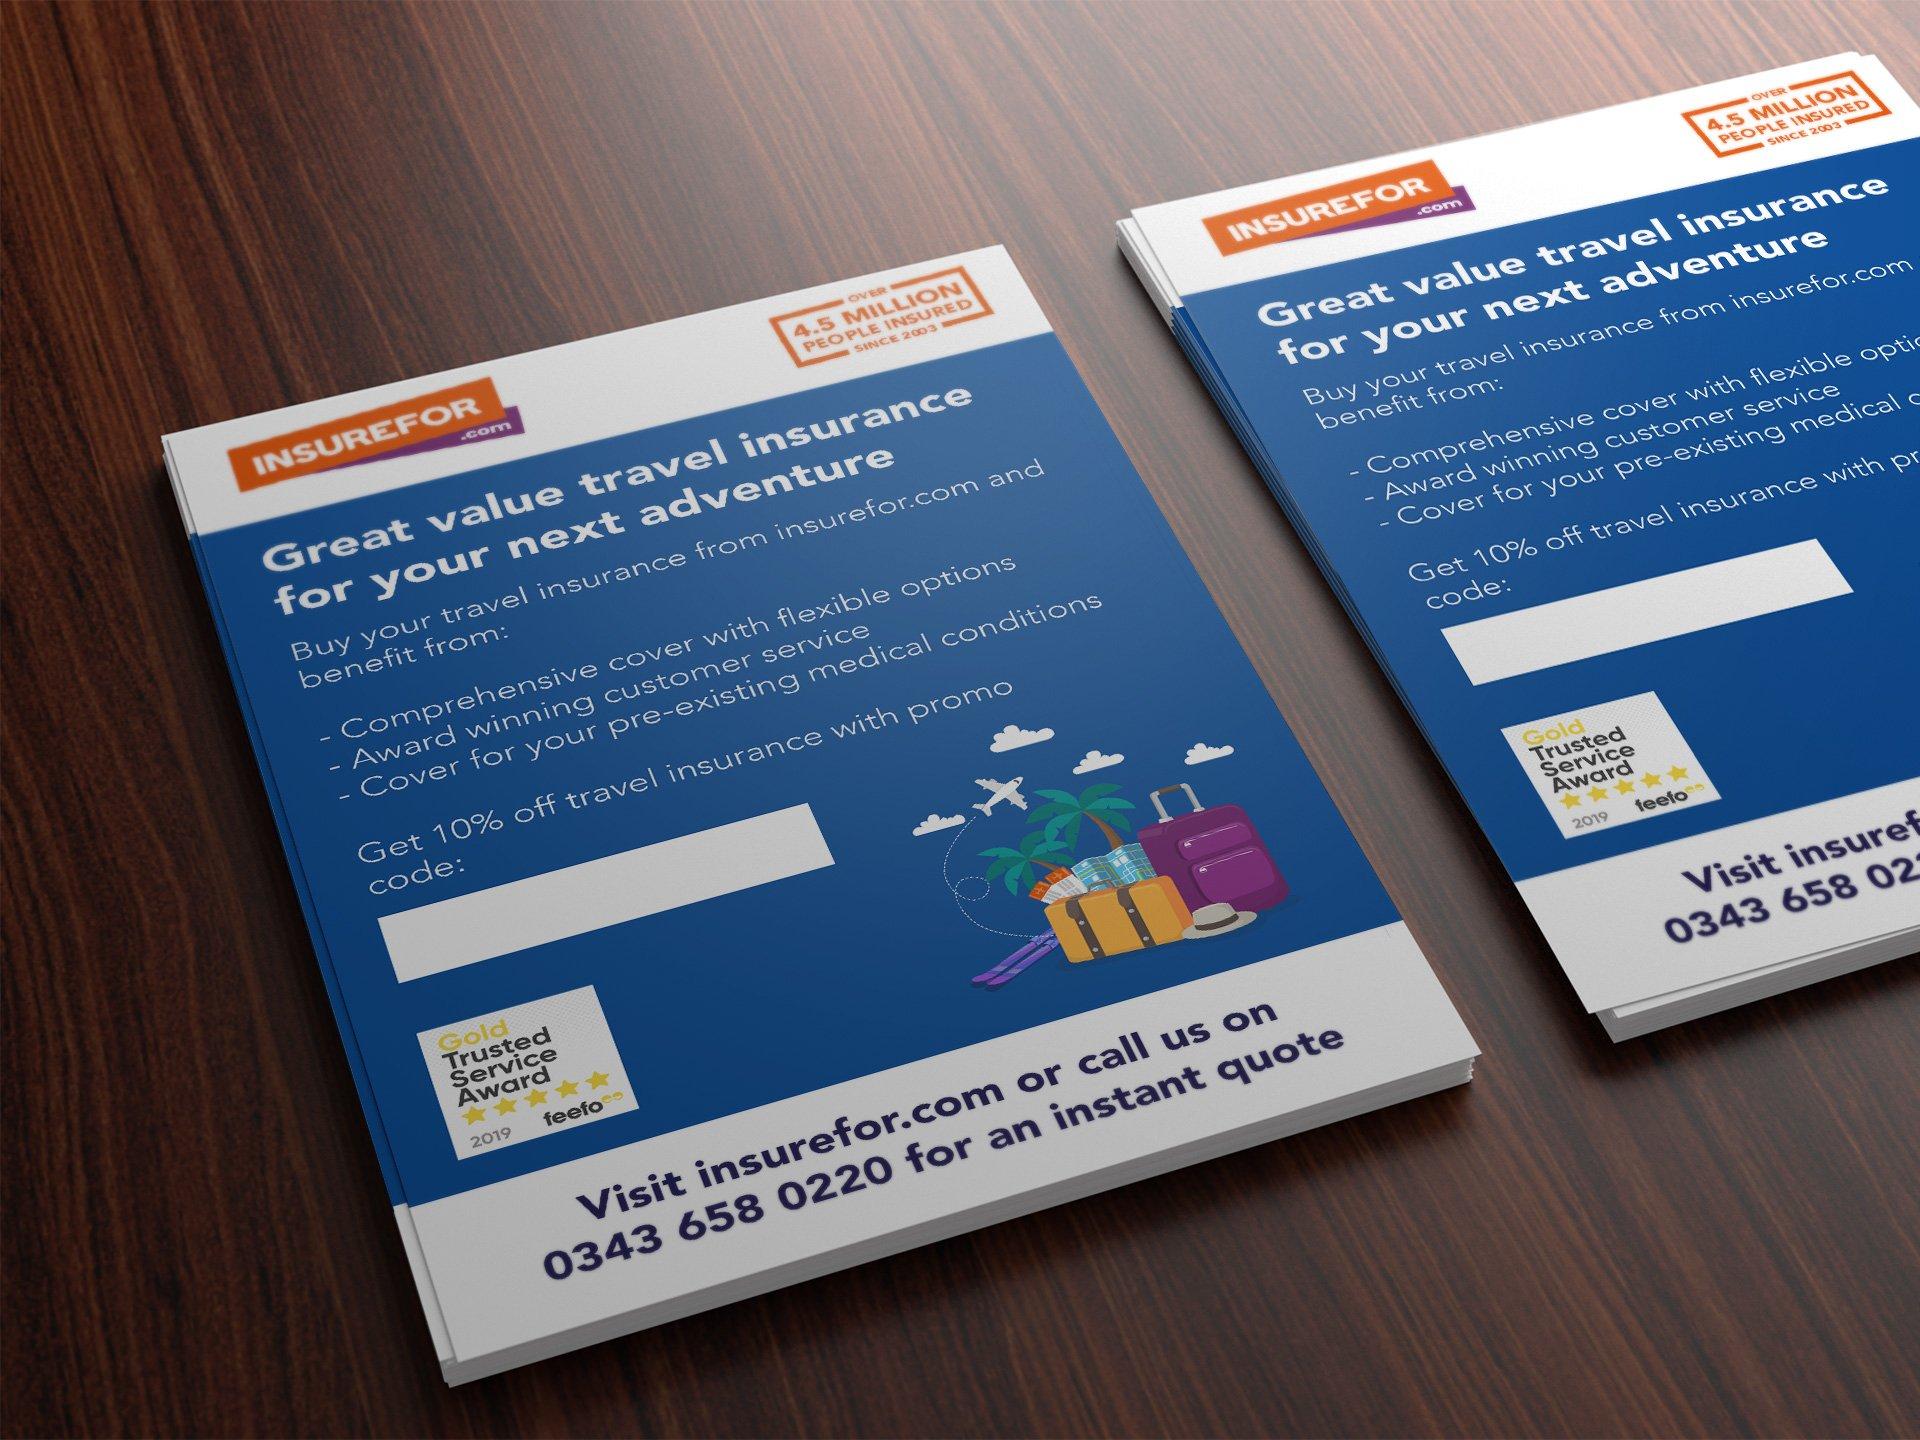 New insurefor.com leaflet design